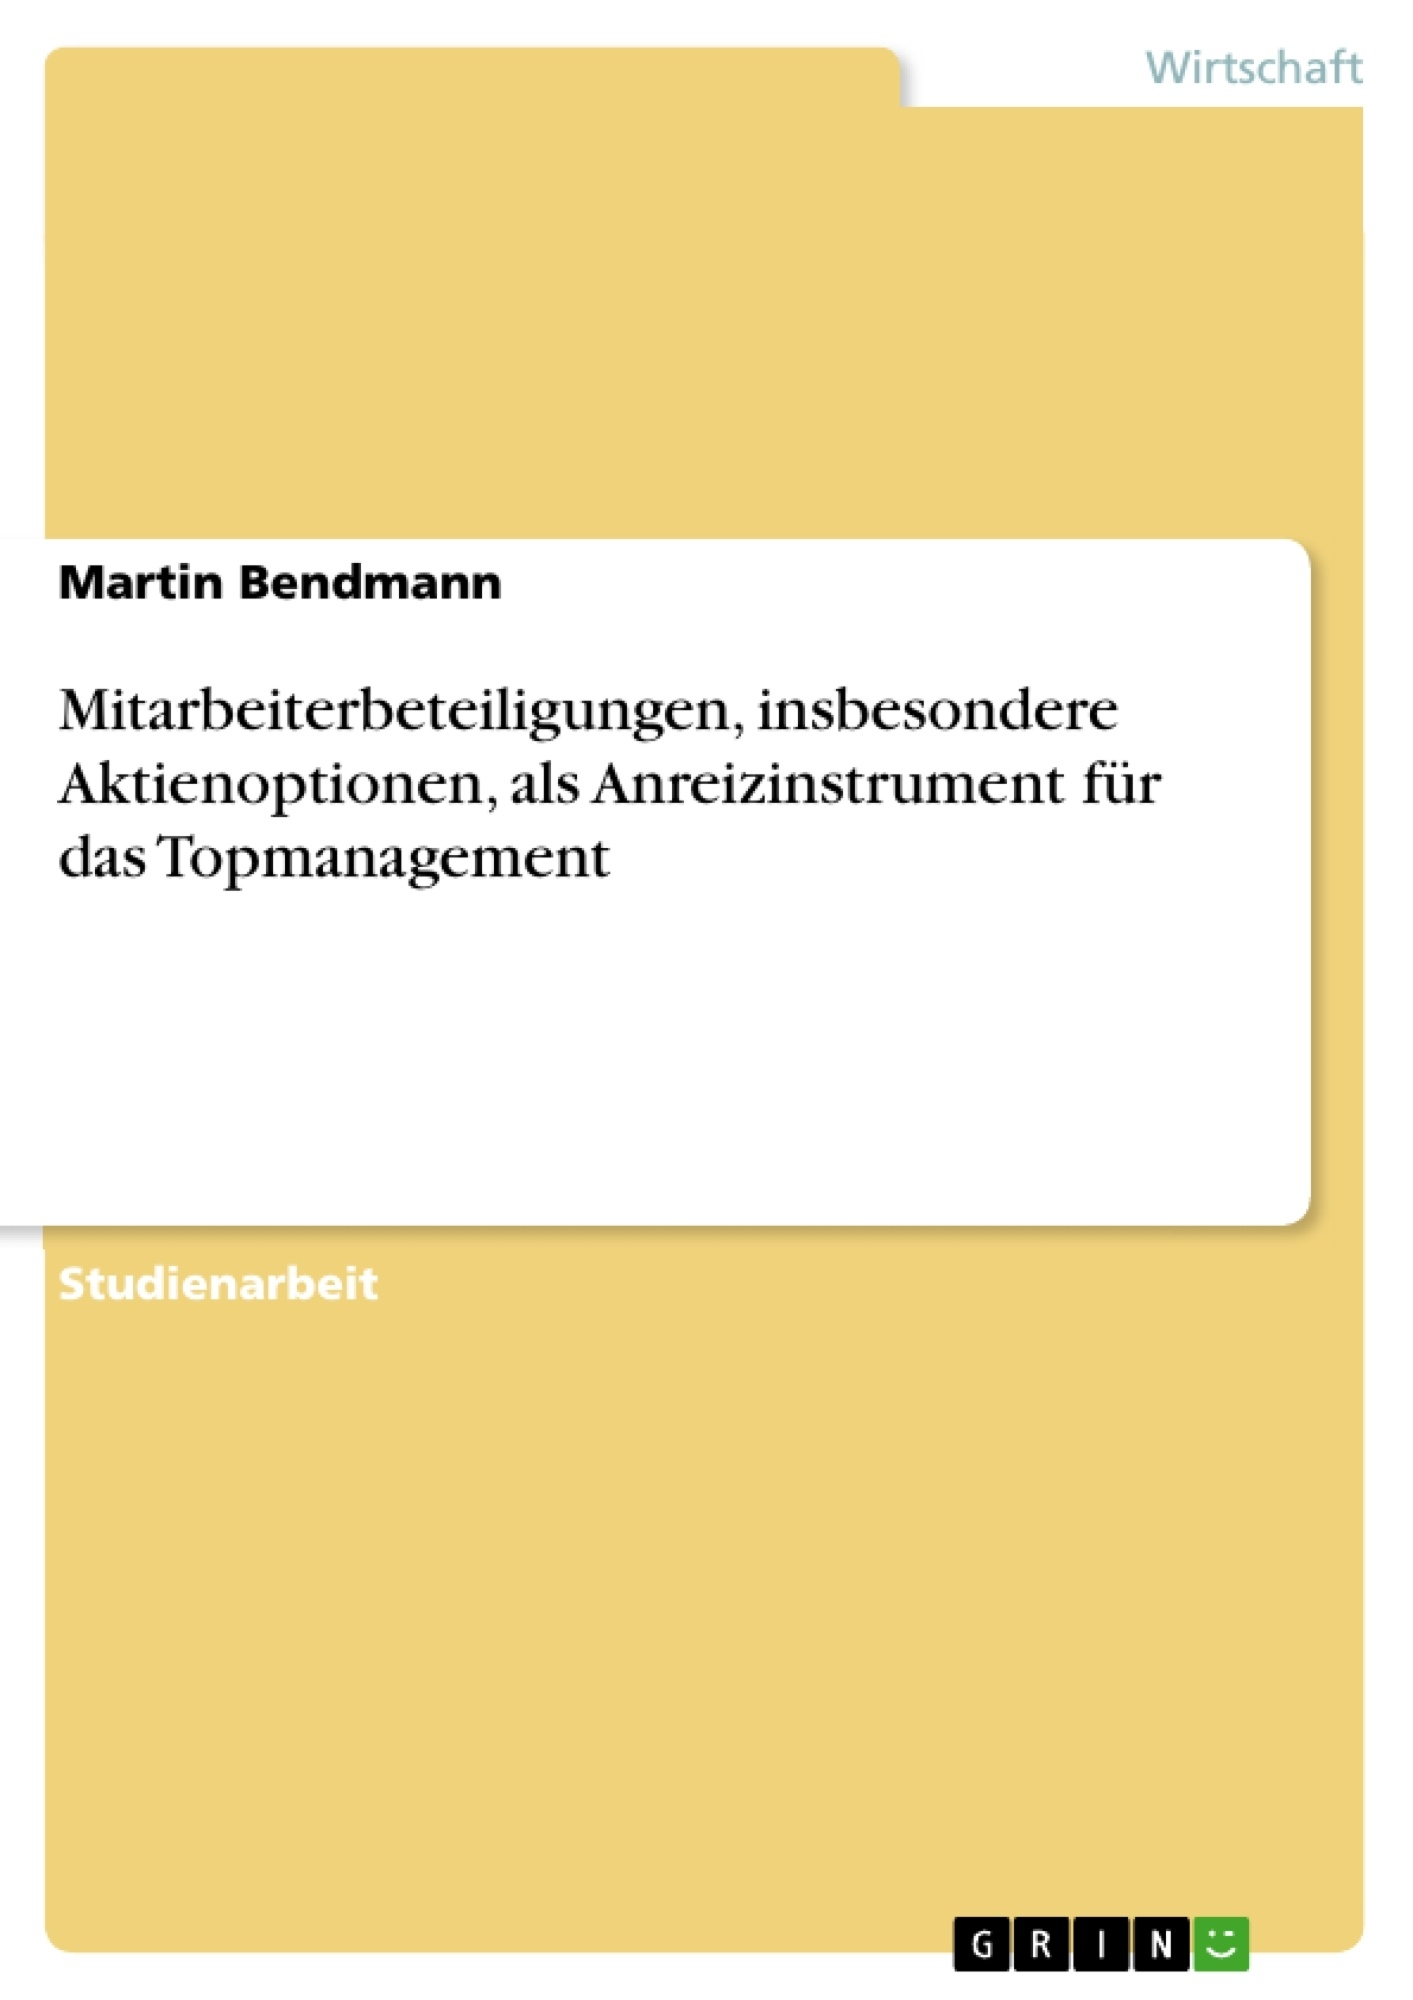 Titel: Mitarbeiterbeteiligungen, insbesondere Aktienoptionen, als Anreizinstrument für das Topmanagement